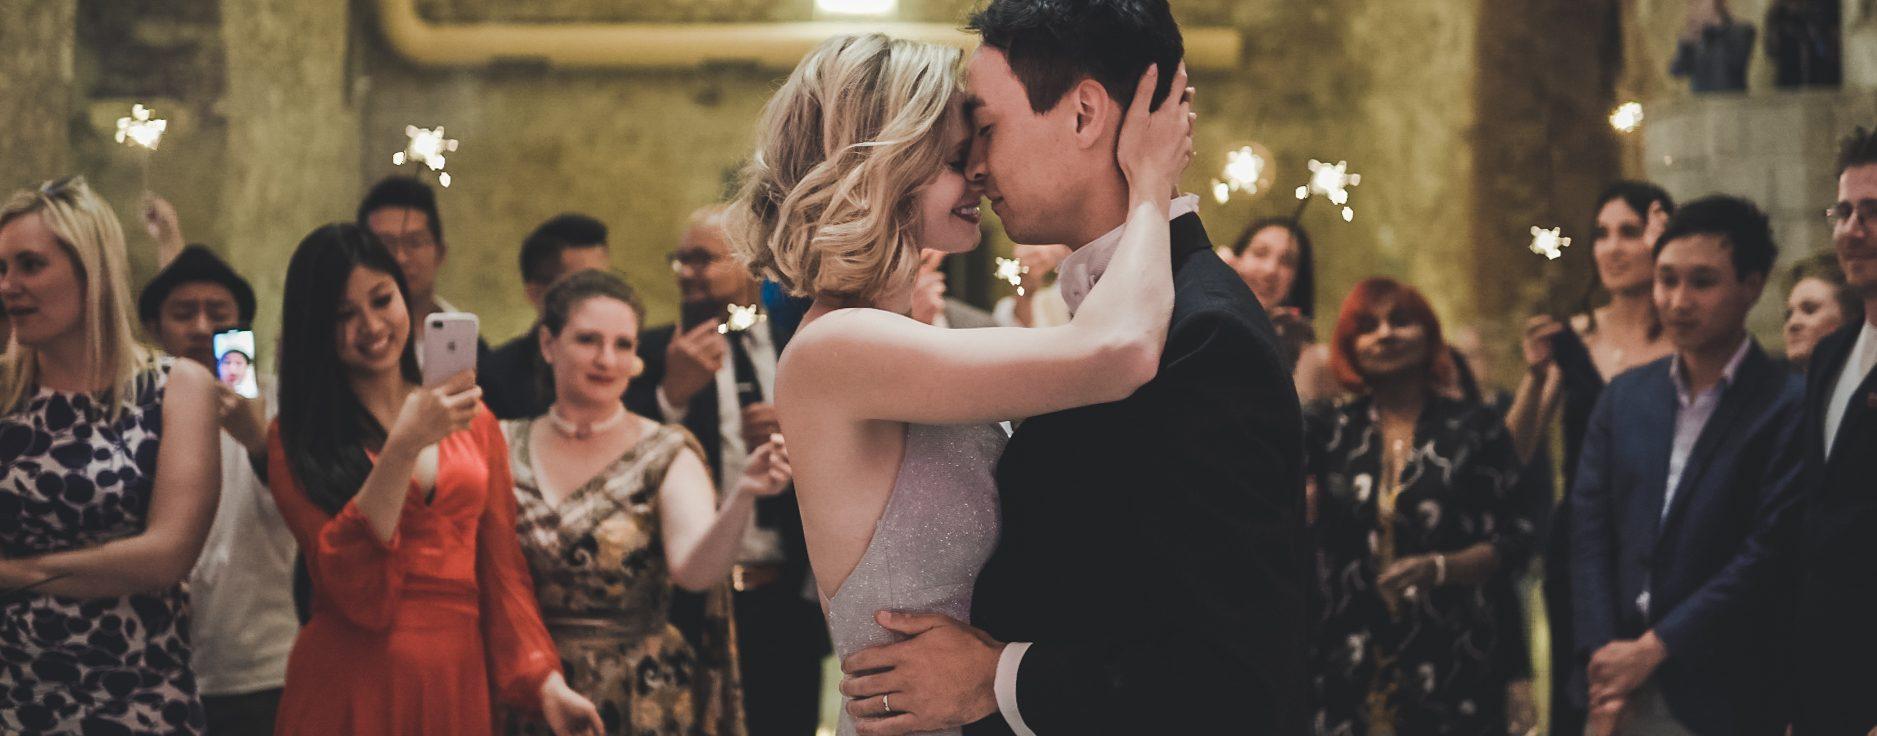 vídeo de boda precio